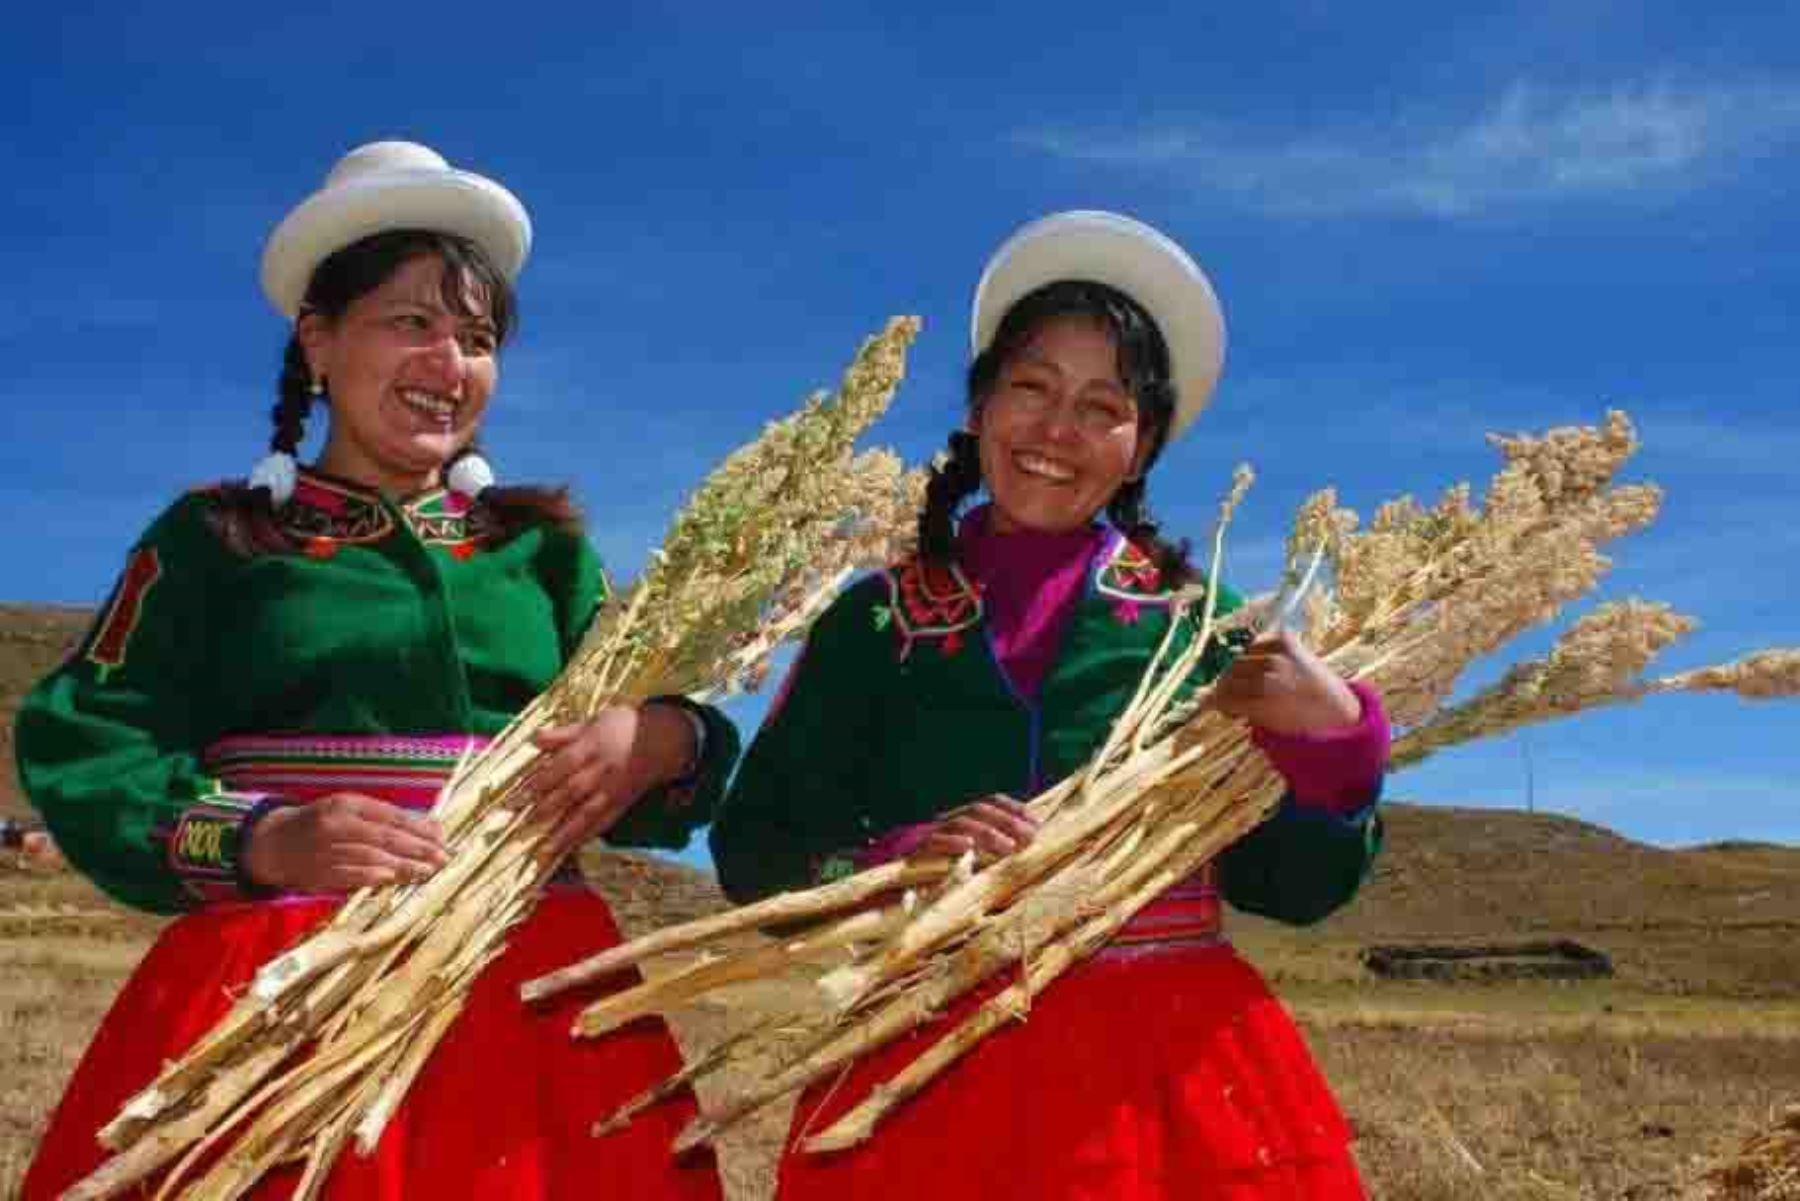 Entre febrero de 2018 y marzo de 2020, el Ministerio de Agricultura y Riego (Minagri) proyecta titular de forma gratuita a más de 100,000 predios pertenecientes a comunidades campesinas e indígenas de las regiones de Apurímac, Cusco y Puno.